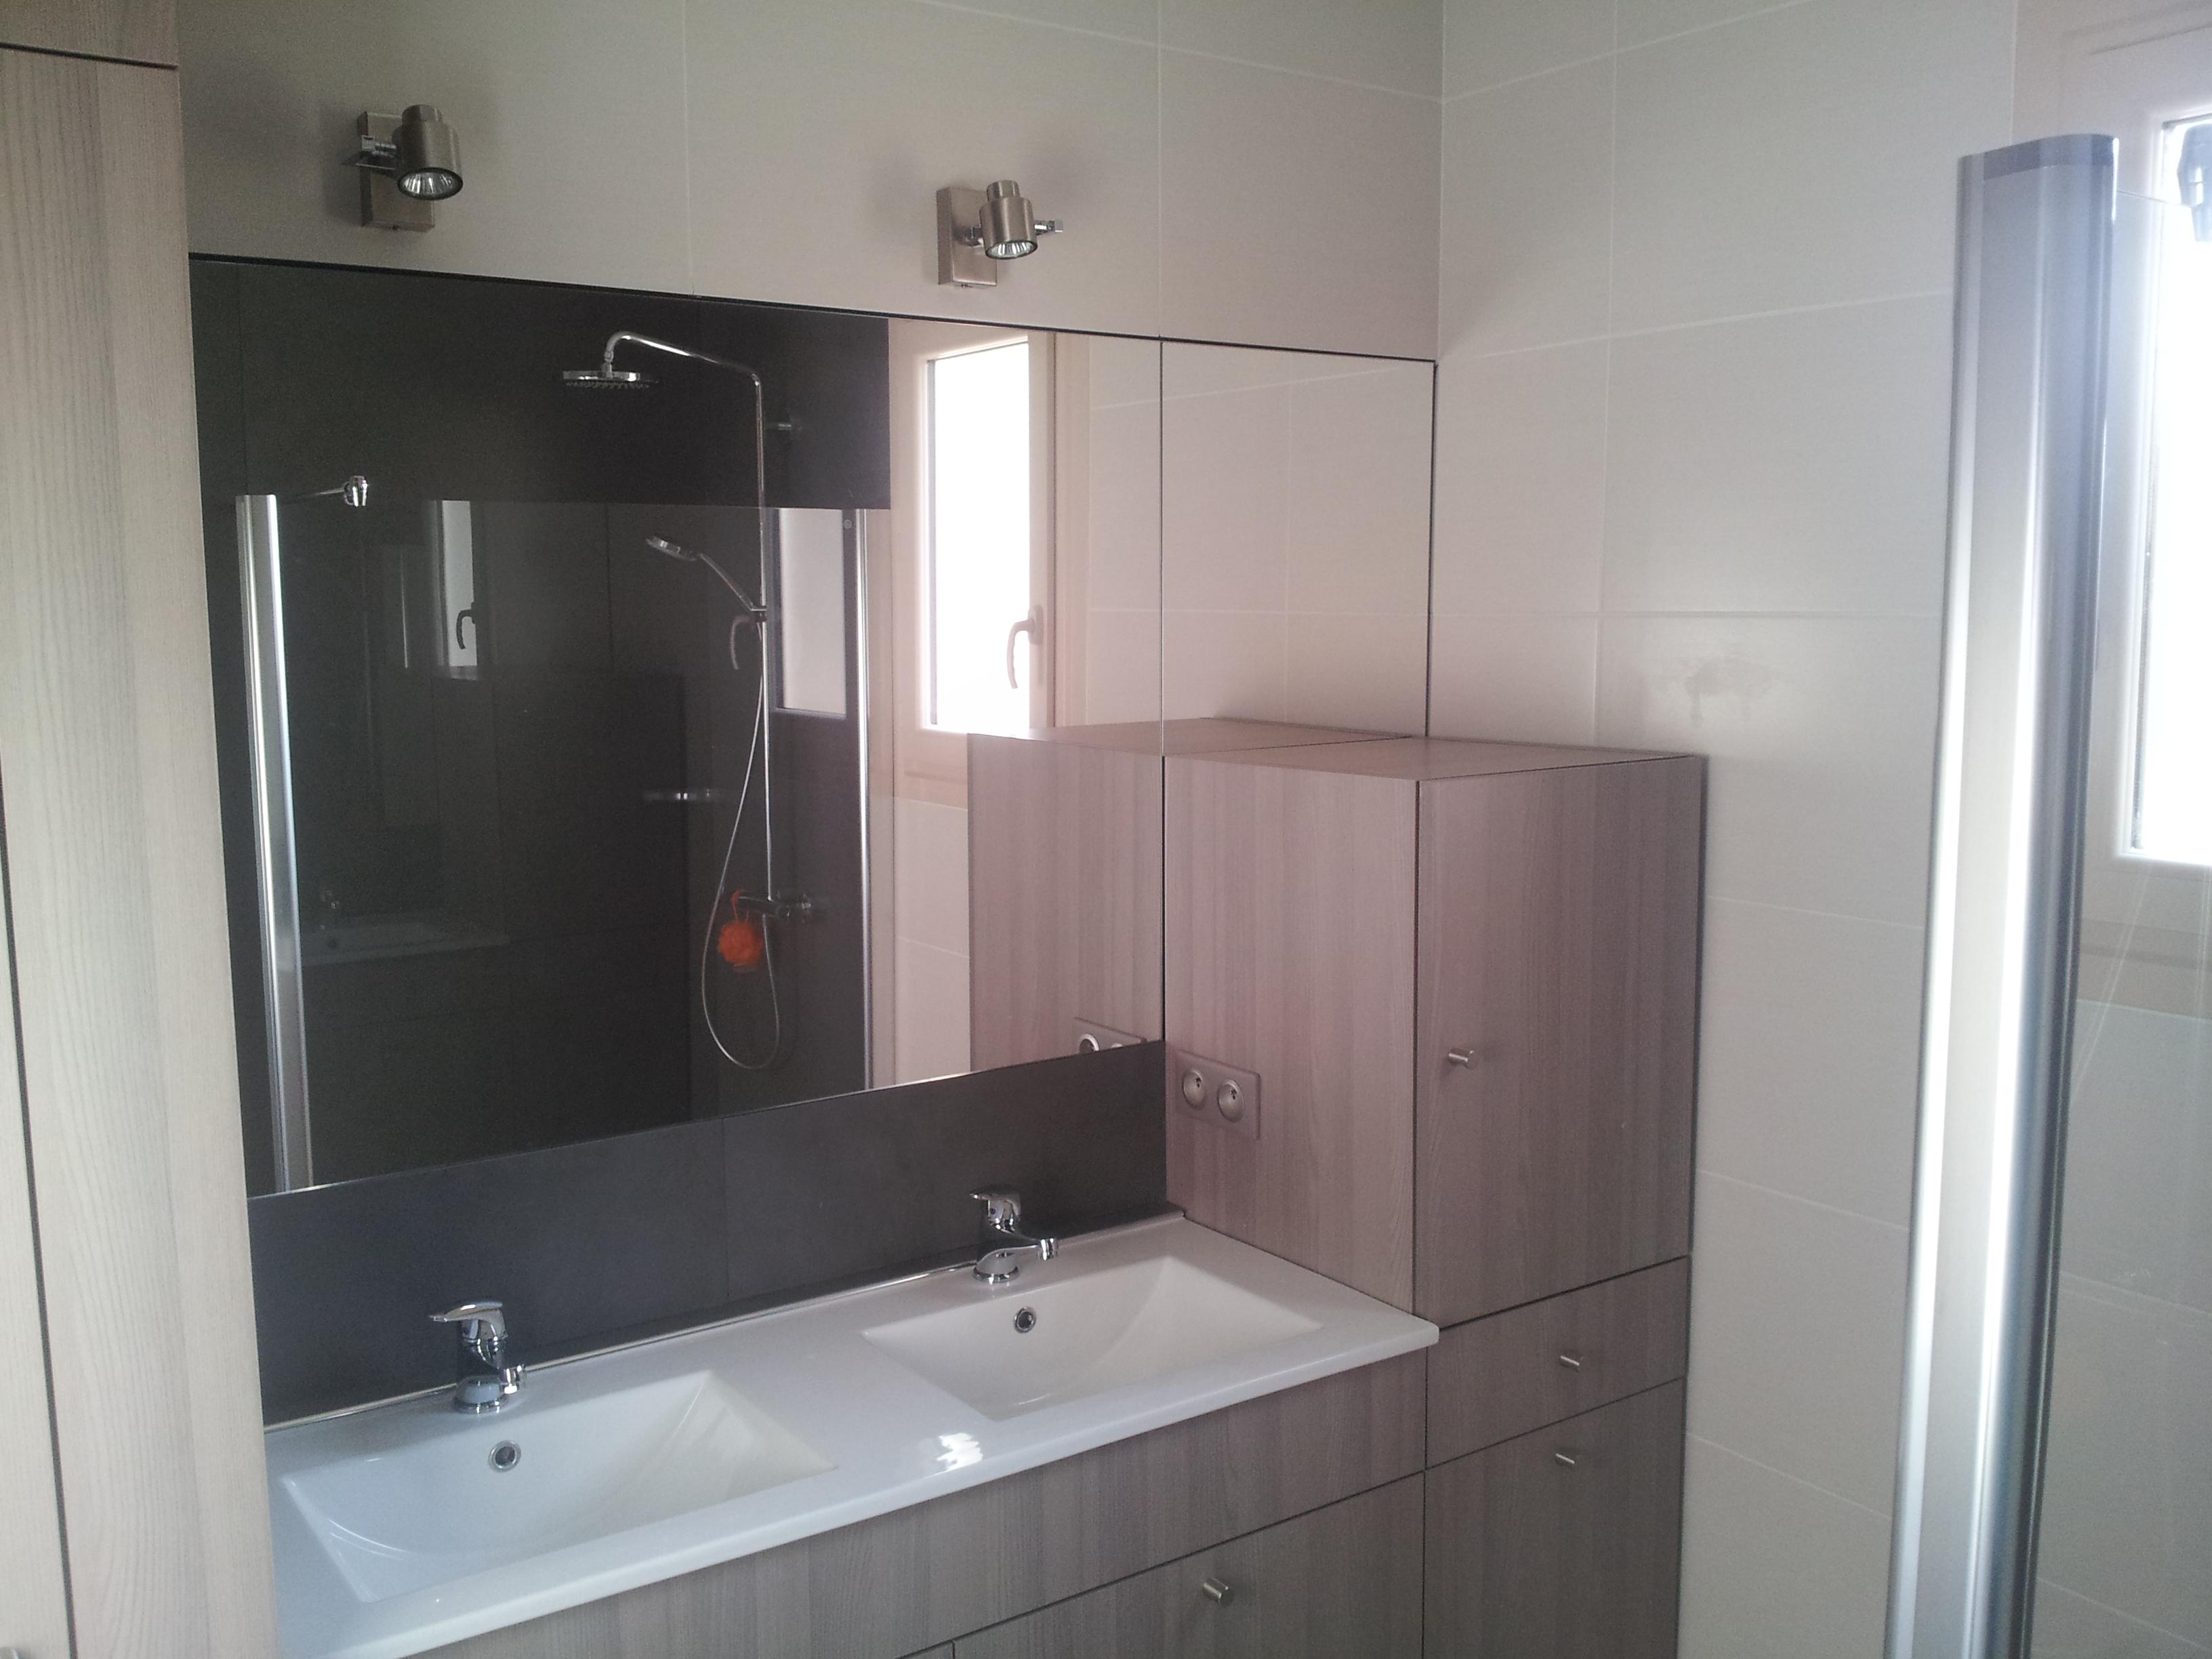 Meuble cuisine dans salle de bain - Idée pour cuisine